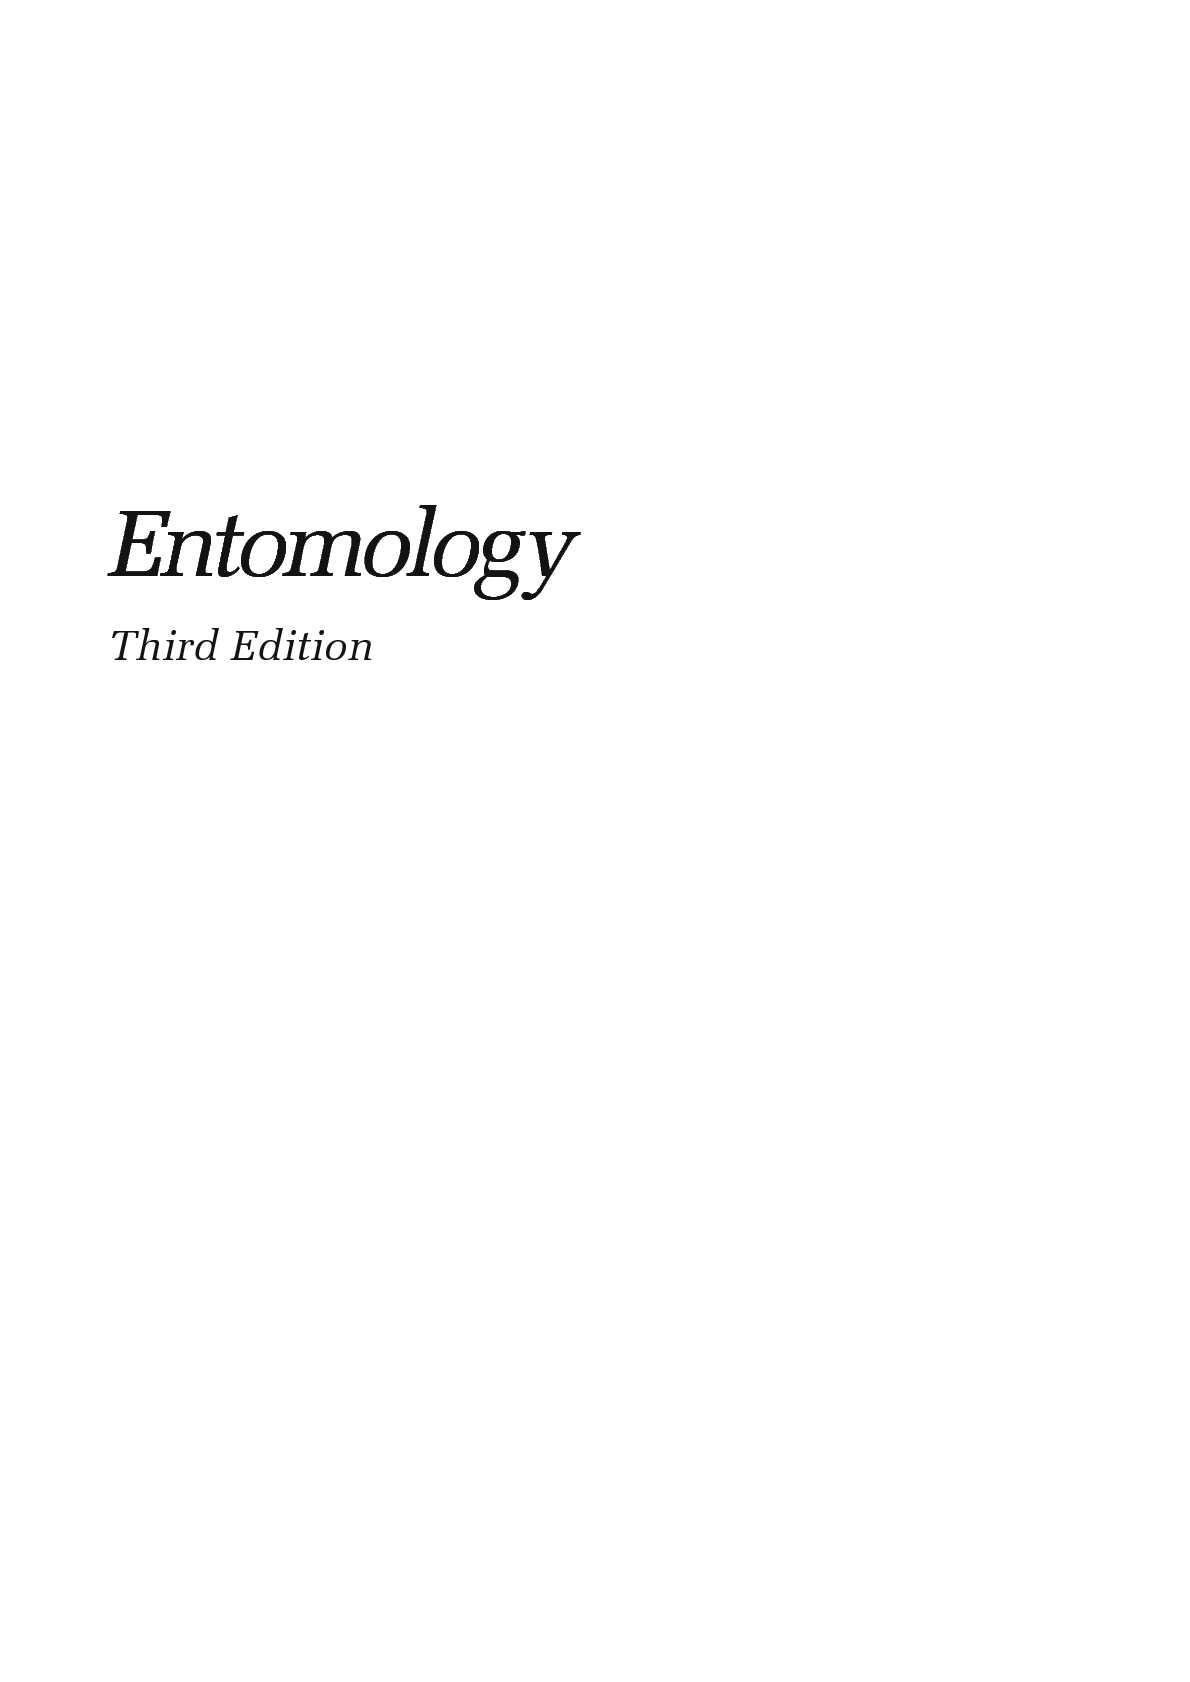 Calaméo - Entomology 3rd ed - C Gillott